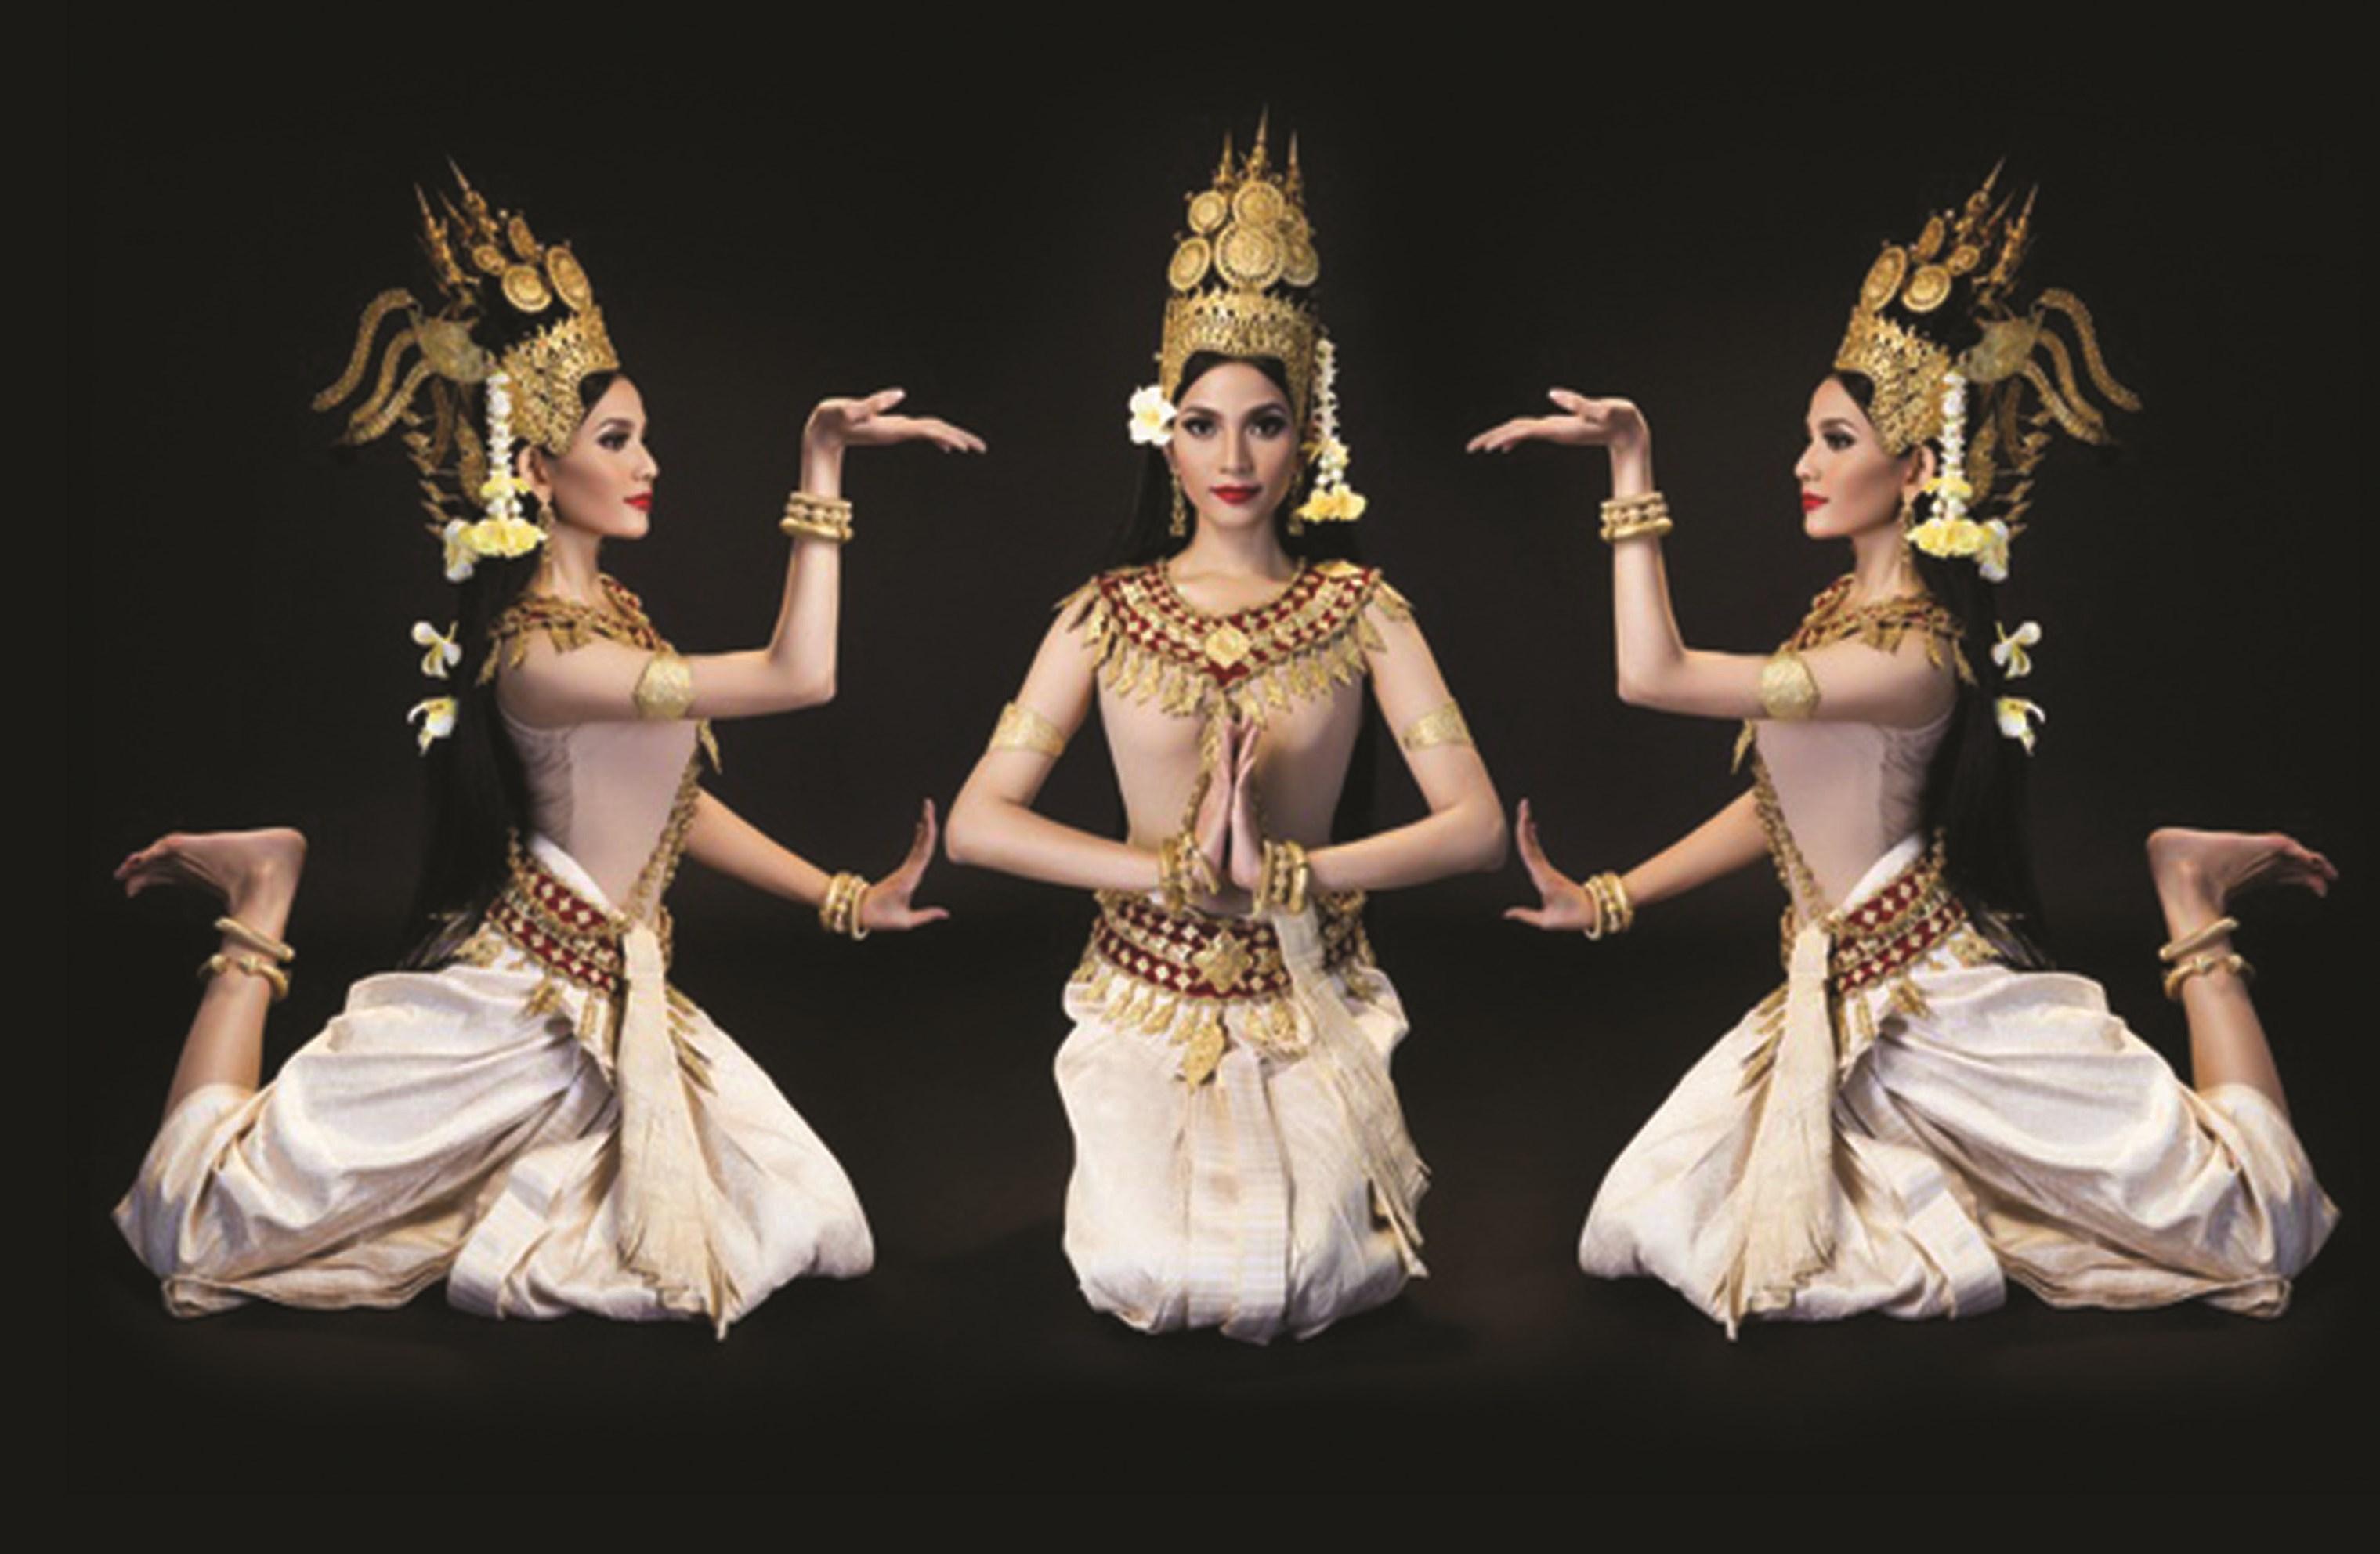 Thiếu nữ Khmer với điệu múa truyền thống.